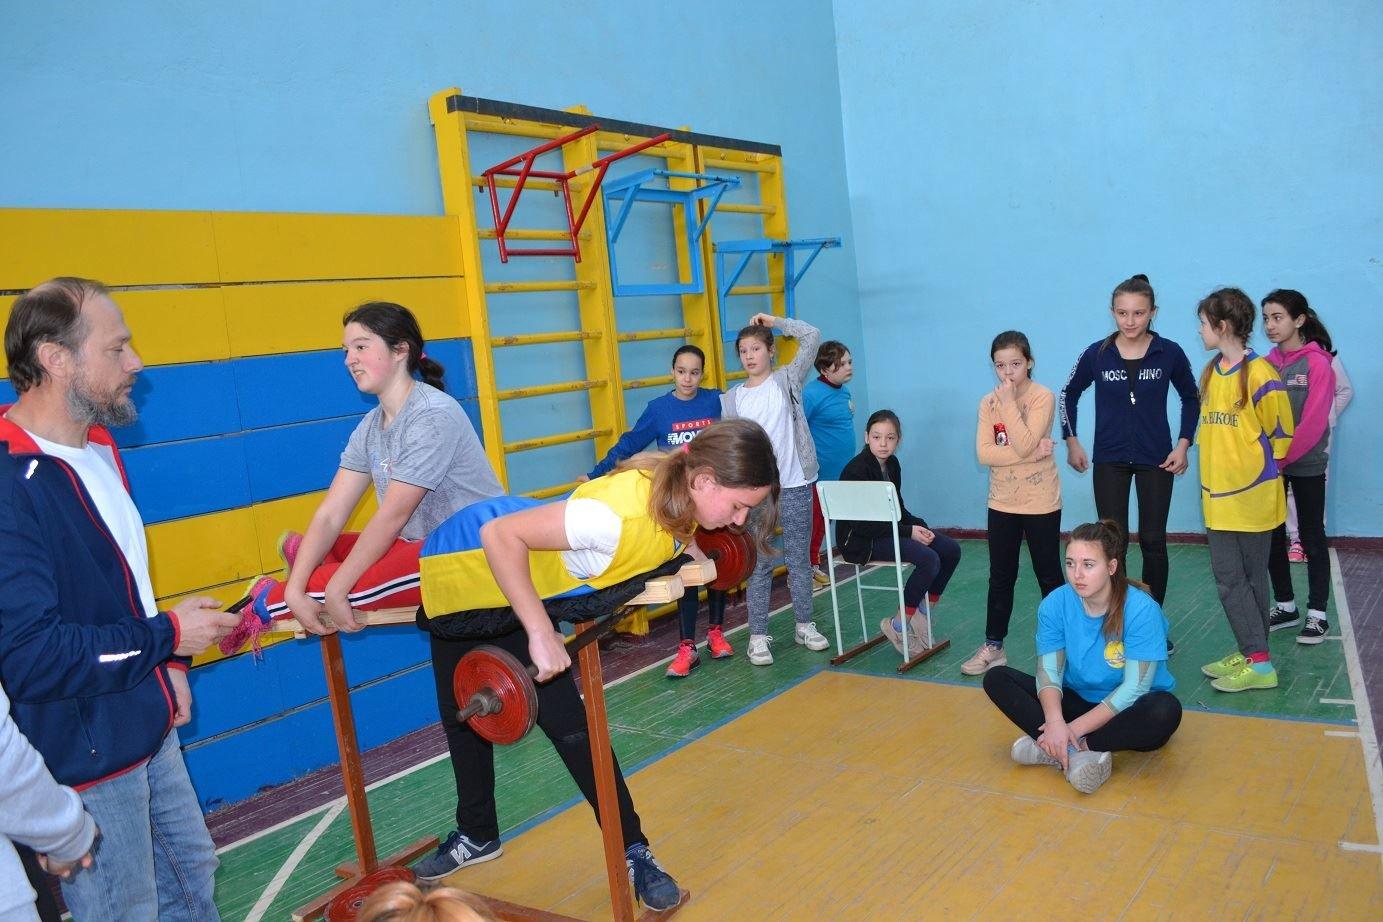 В Черноморске более 100 гребцов на байдарках и каноэ соревновались за победу в физподготовке, фото-1